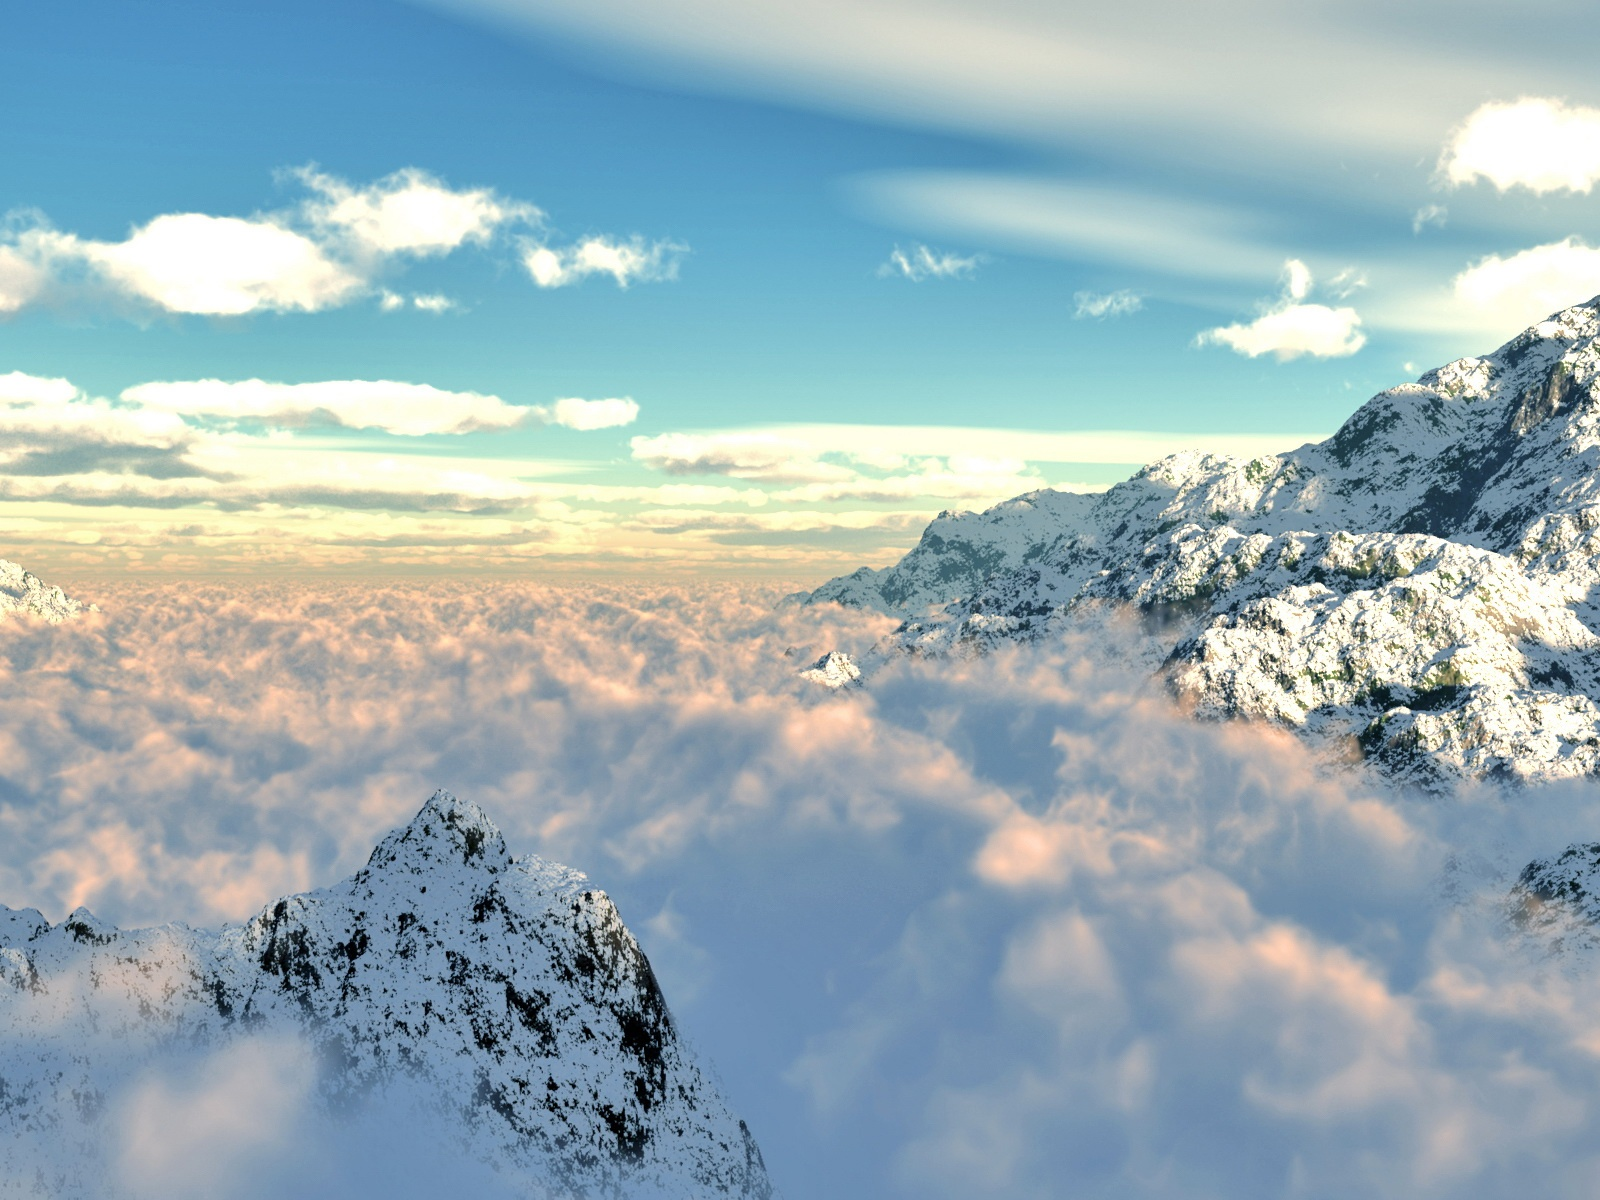 Fond d 39 ecran montagne perdue dans les nuages wallpaper for Fond ecran montagne